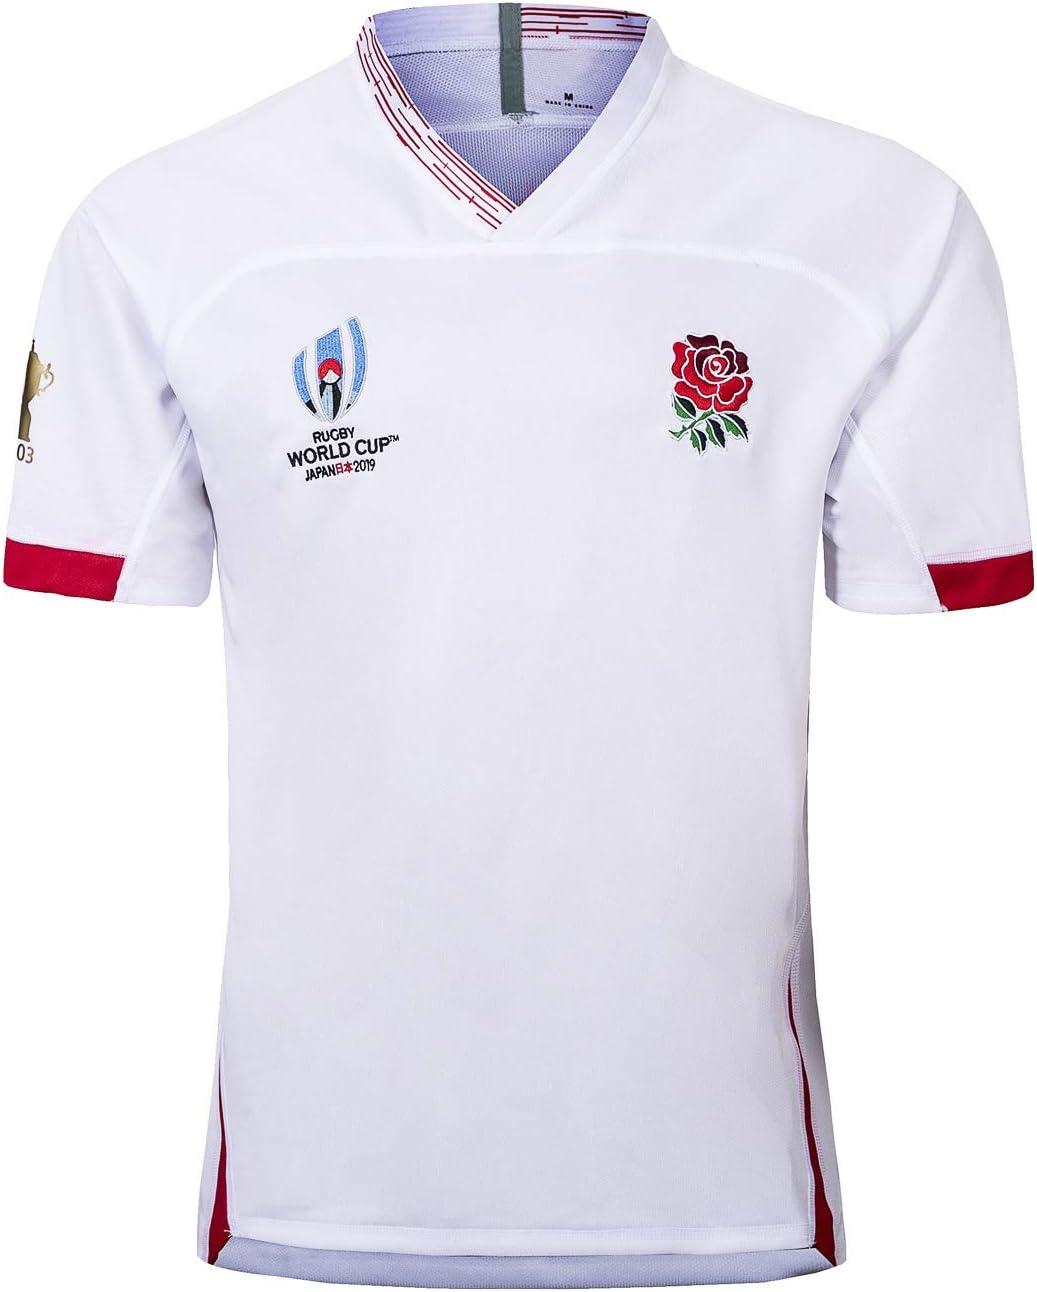 RENDONG Hombres Camiseta De Rugby Inglaterra Copa Mundial Casa Aficionados Jersey Camiseta De Rugby Tela Modal Camiseta De Fútbol 5XL Blanco: Amazon.es: Deportes y aire libre